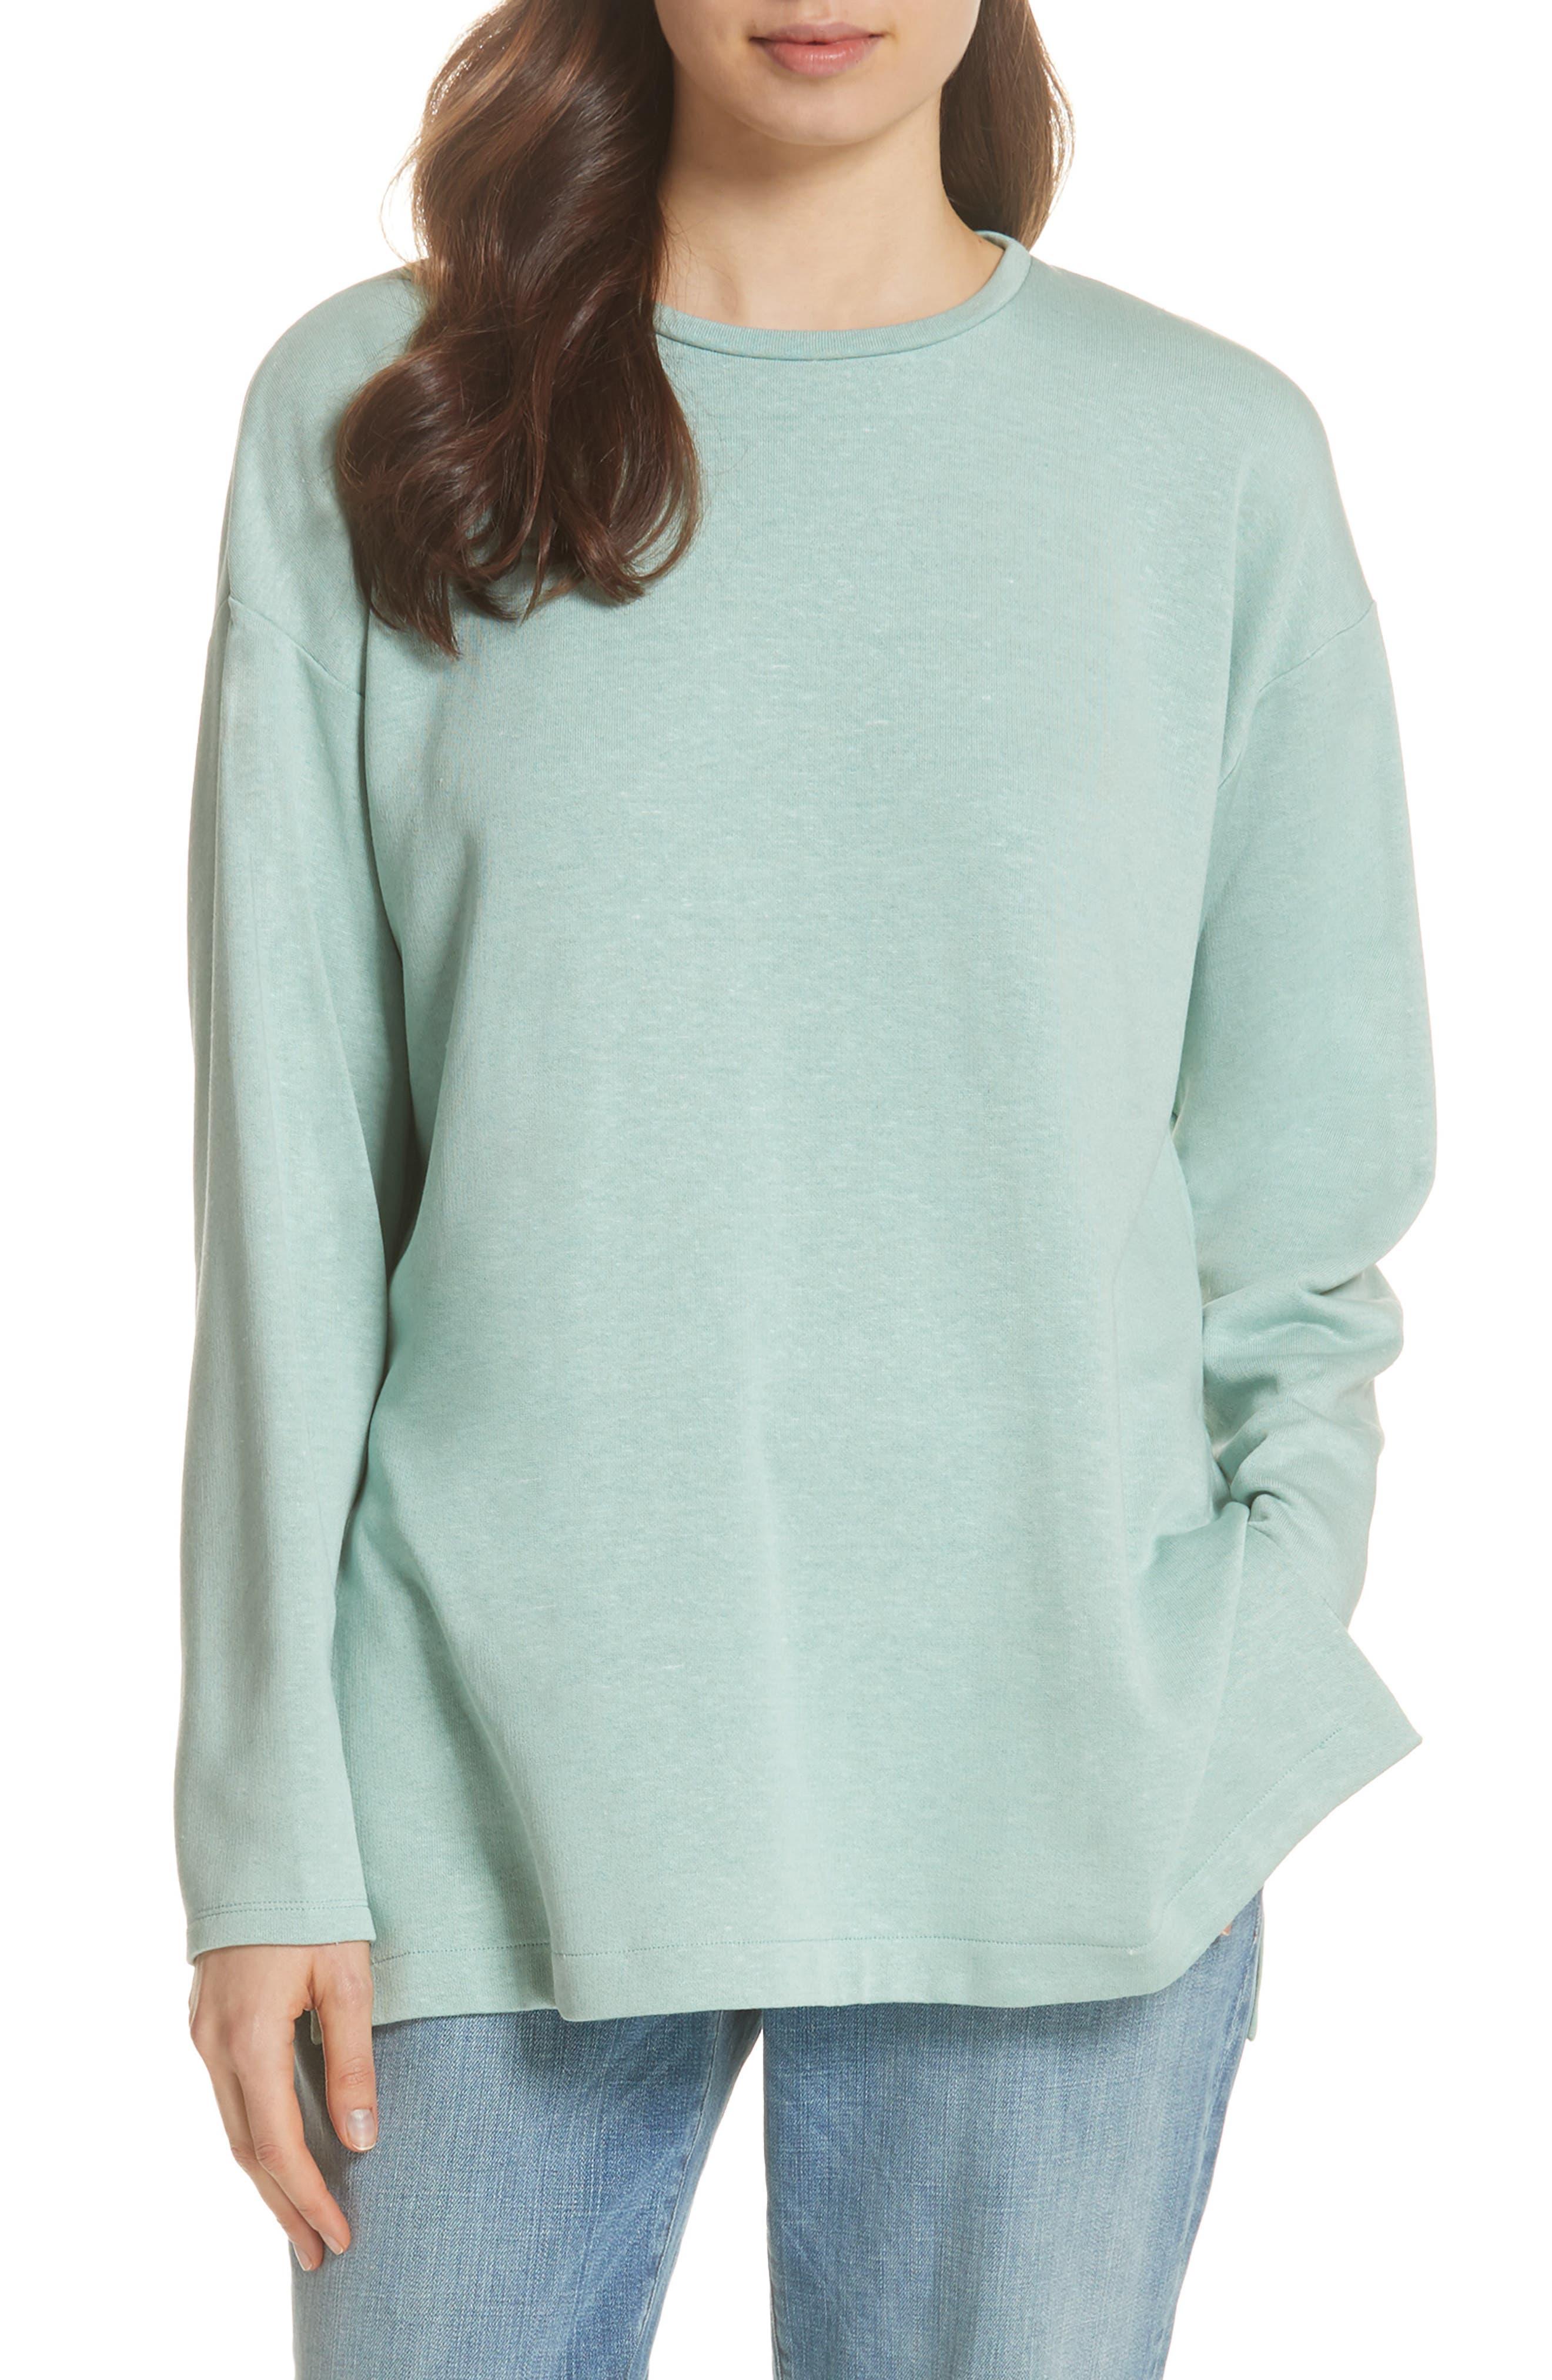 Organic Cotton Blend Top,                         Main,                         color, ELM